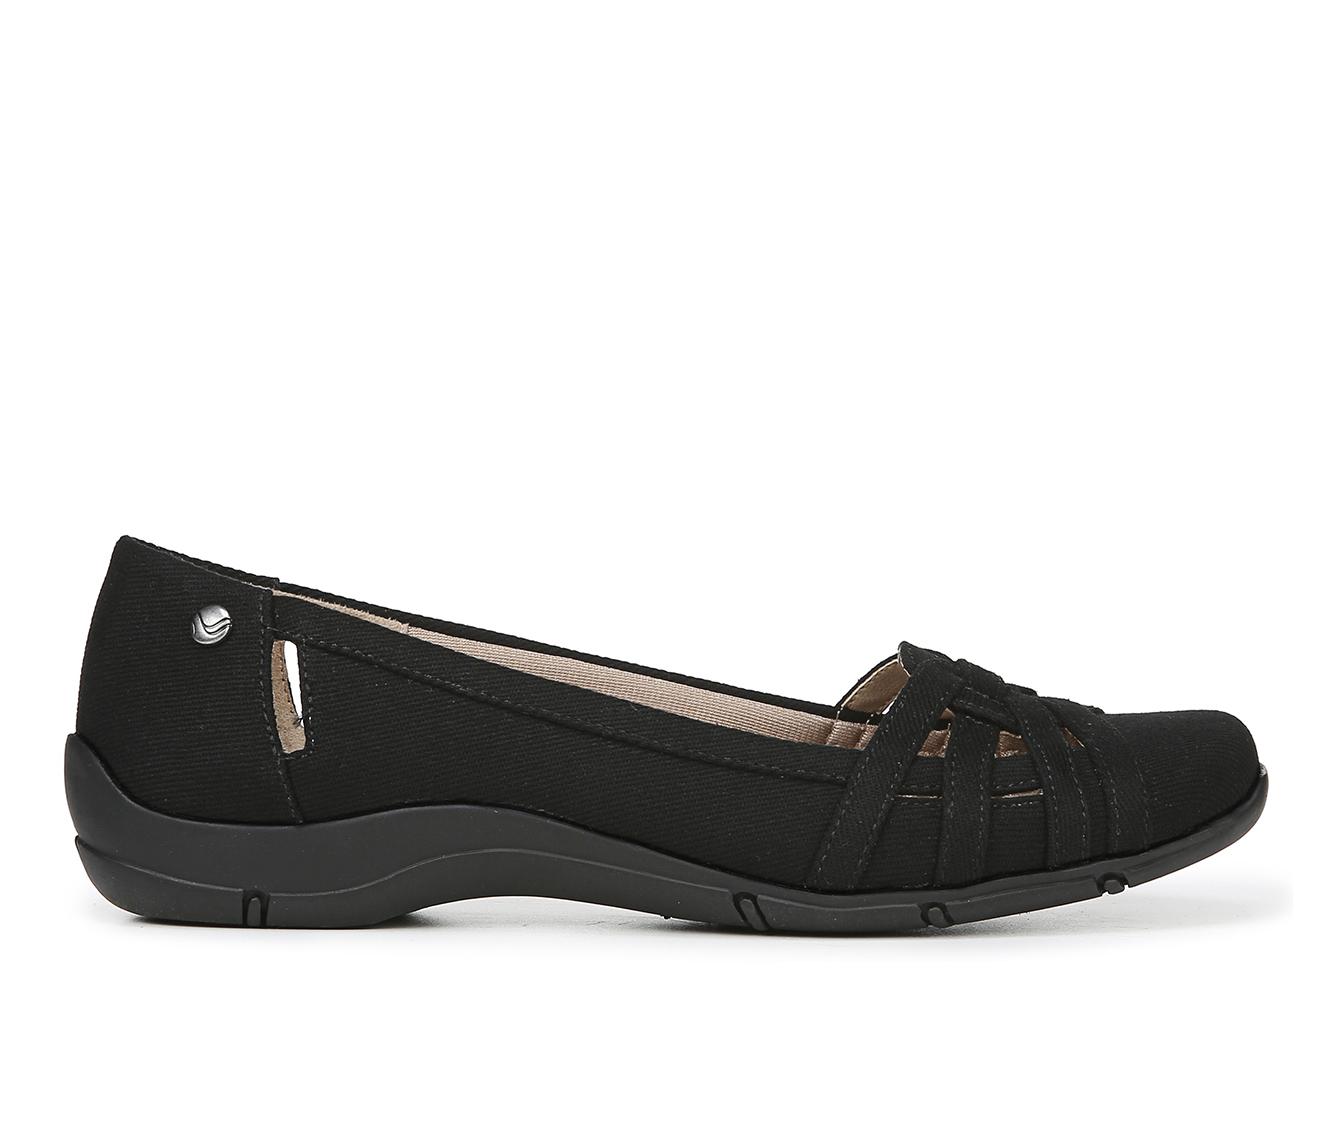 LifeStride Diverse Women's Shoe (Black Canvas)